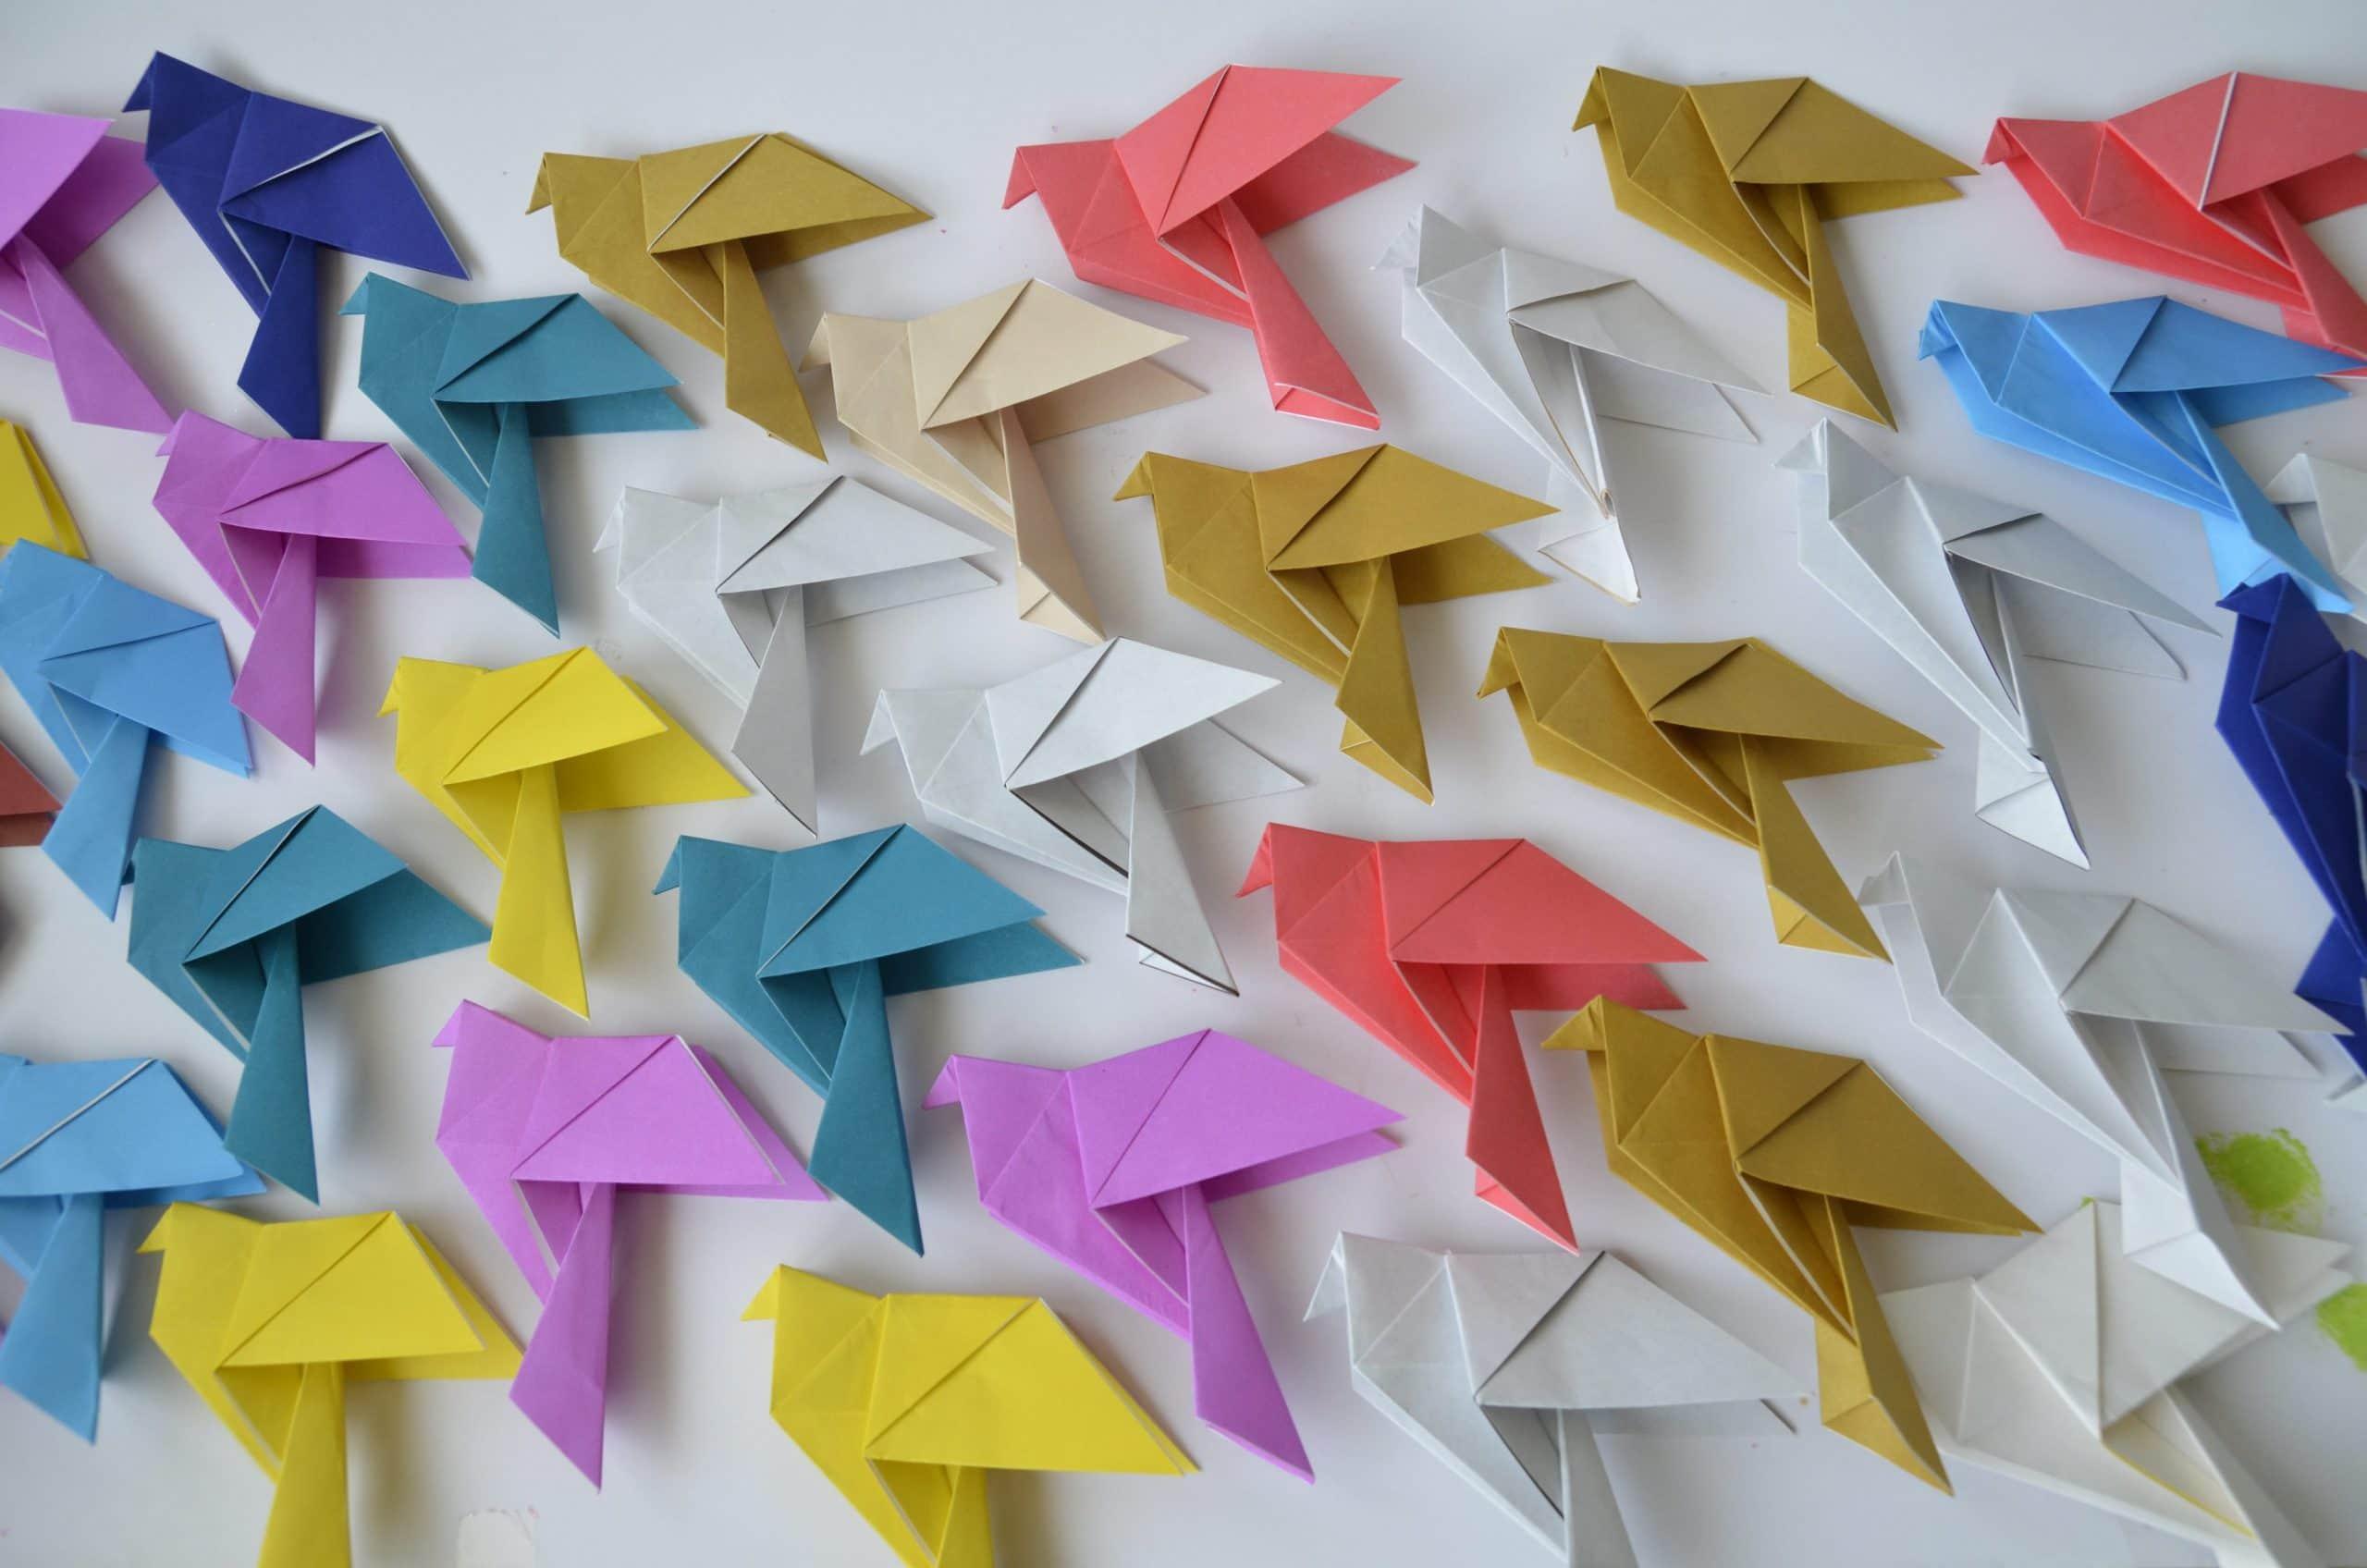 ציפורי אוריגאמי כרעיון לשנה החדשה בגן